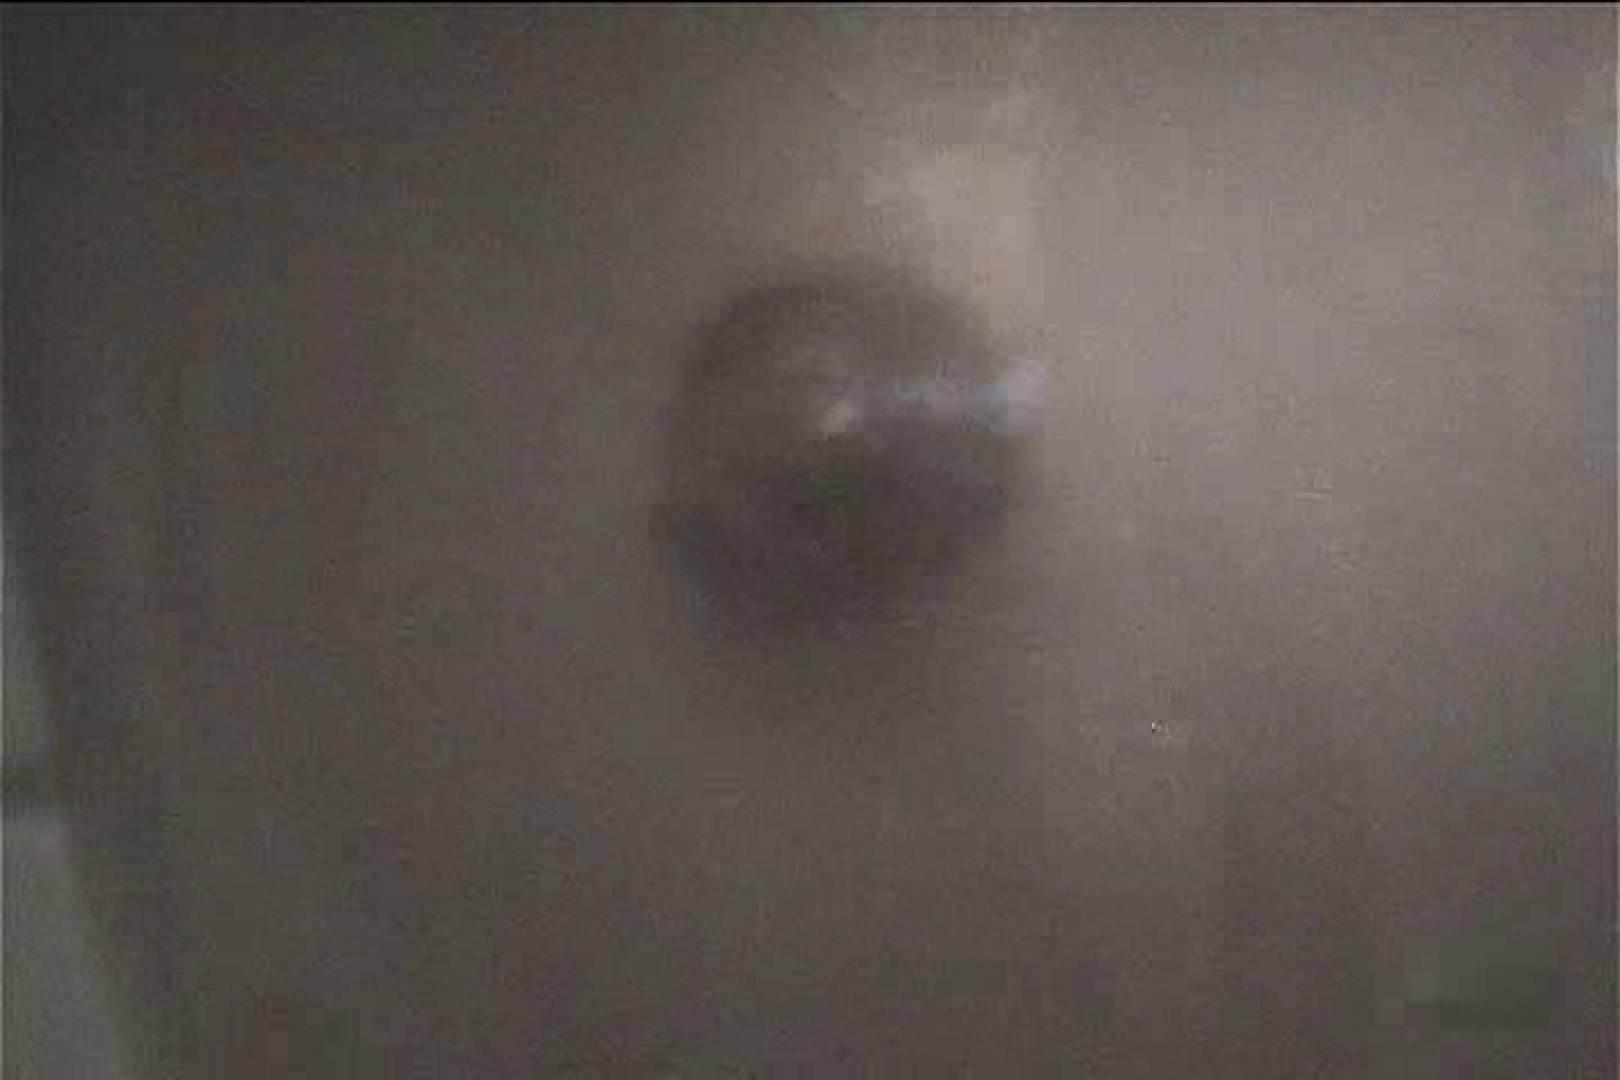 激撮ストーカー記録あなたのお宅拝見しますVol.12